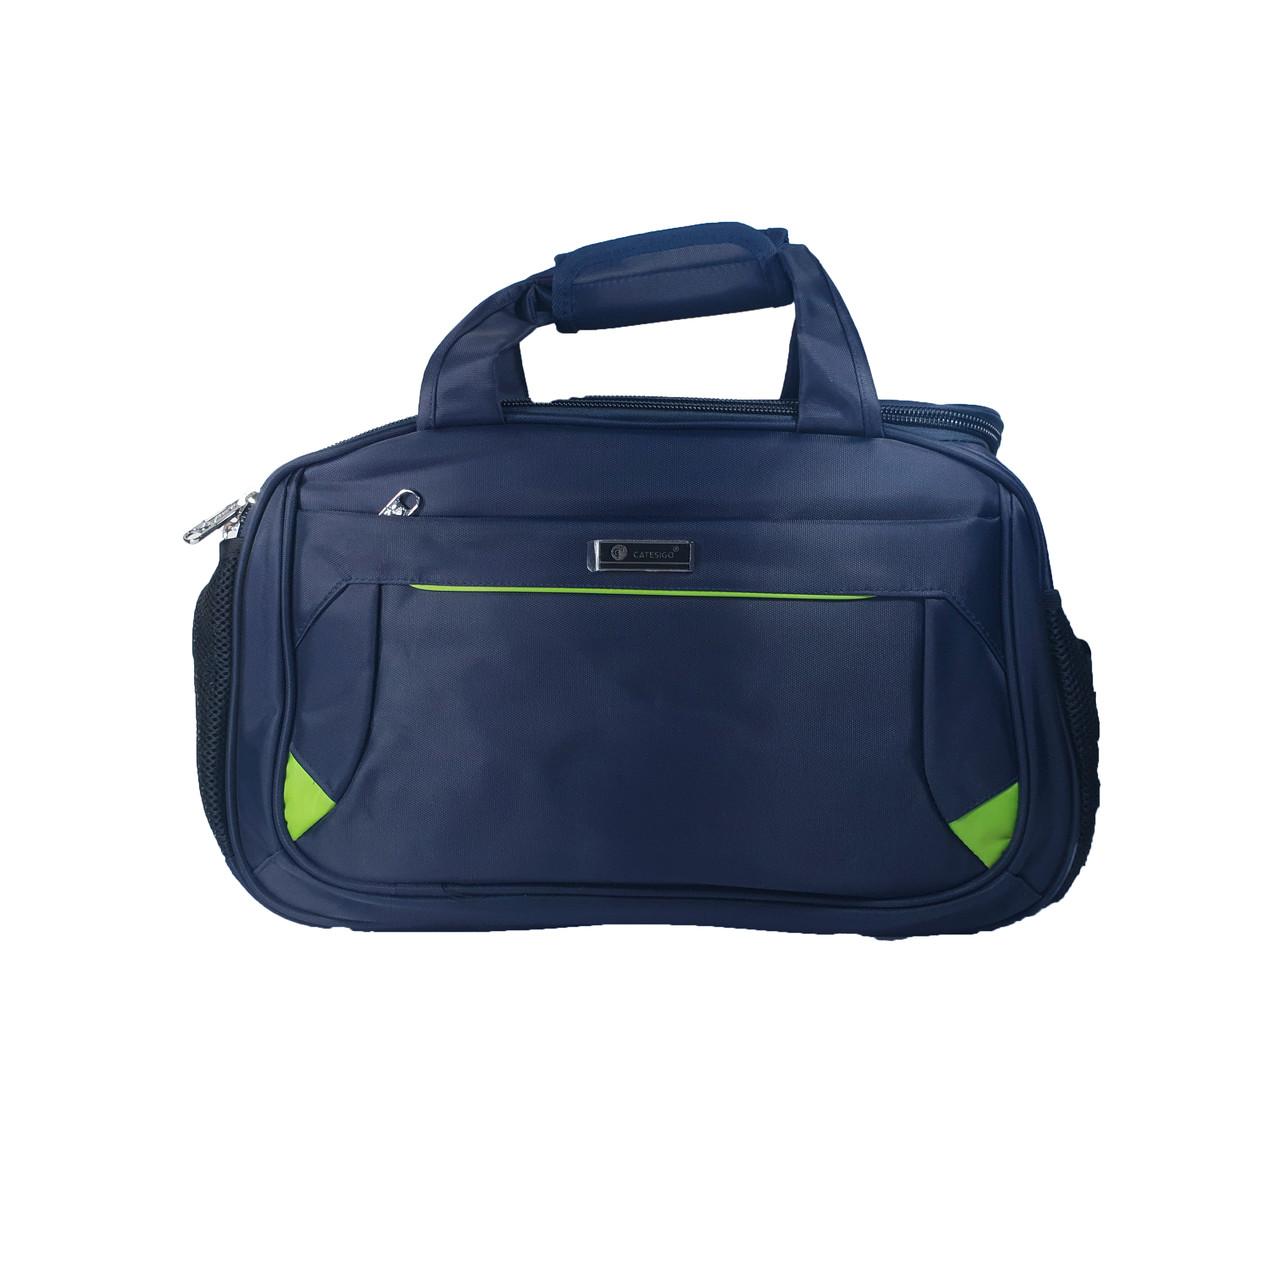 Дорожня сумка Catesigo А